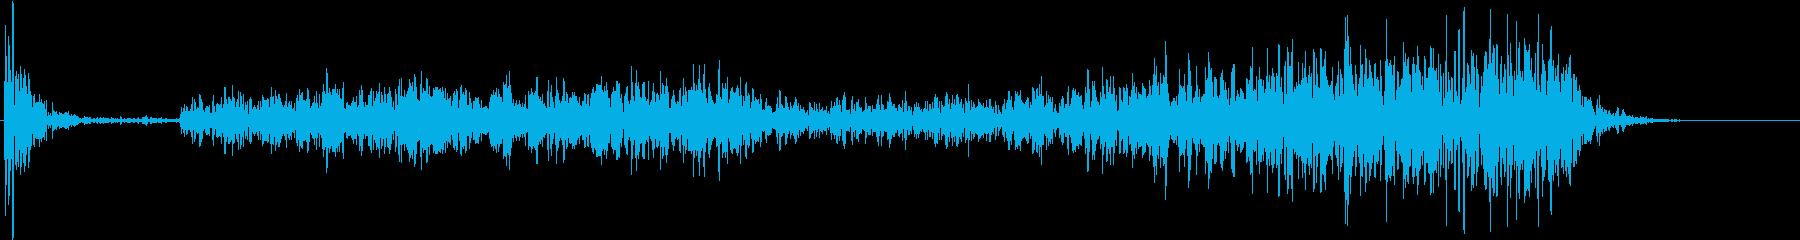 【生録音】テーブルを引っ掻く音 1の再生済みの波形